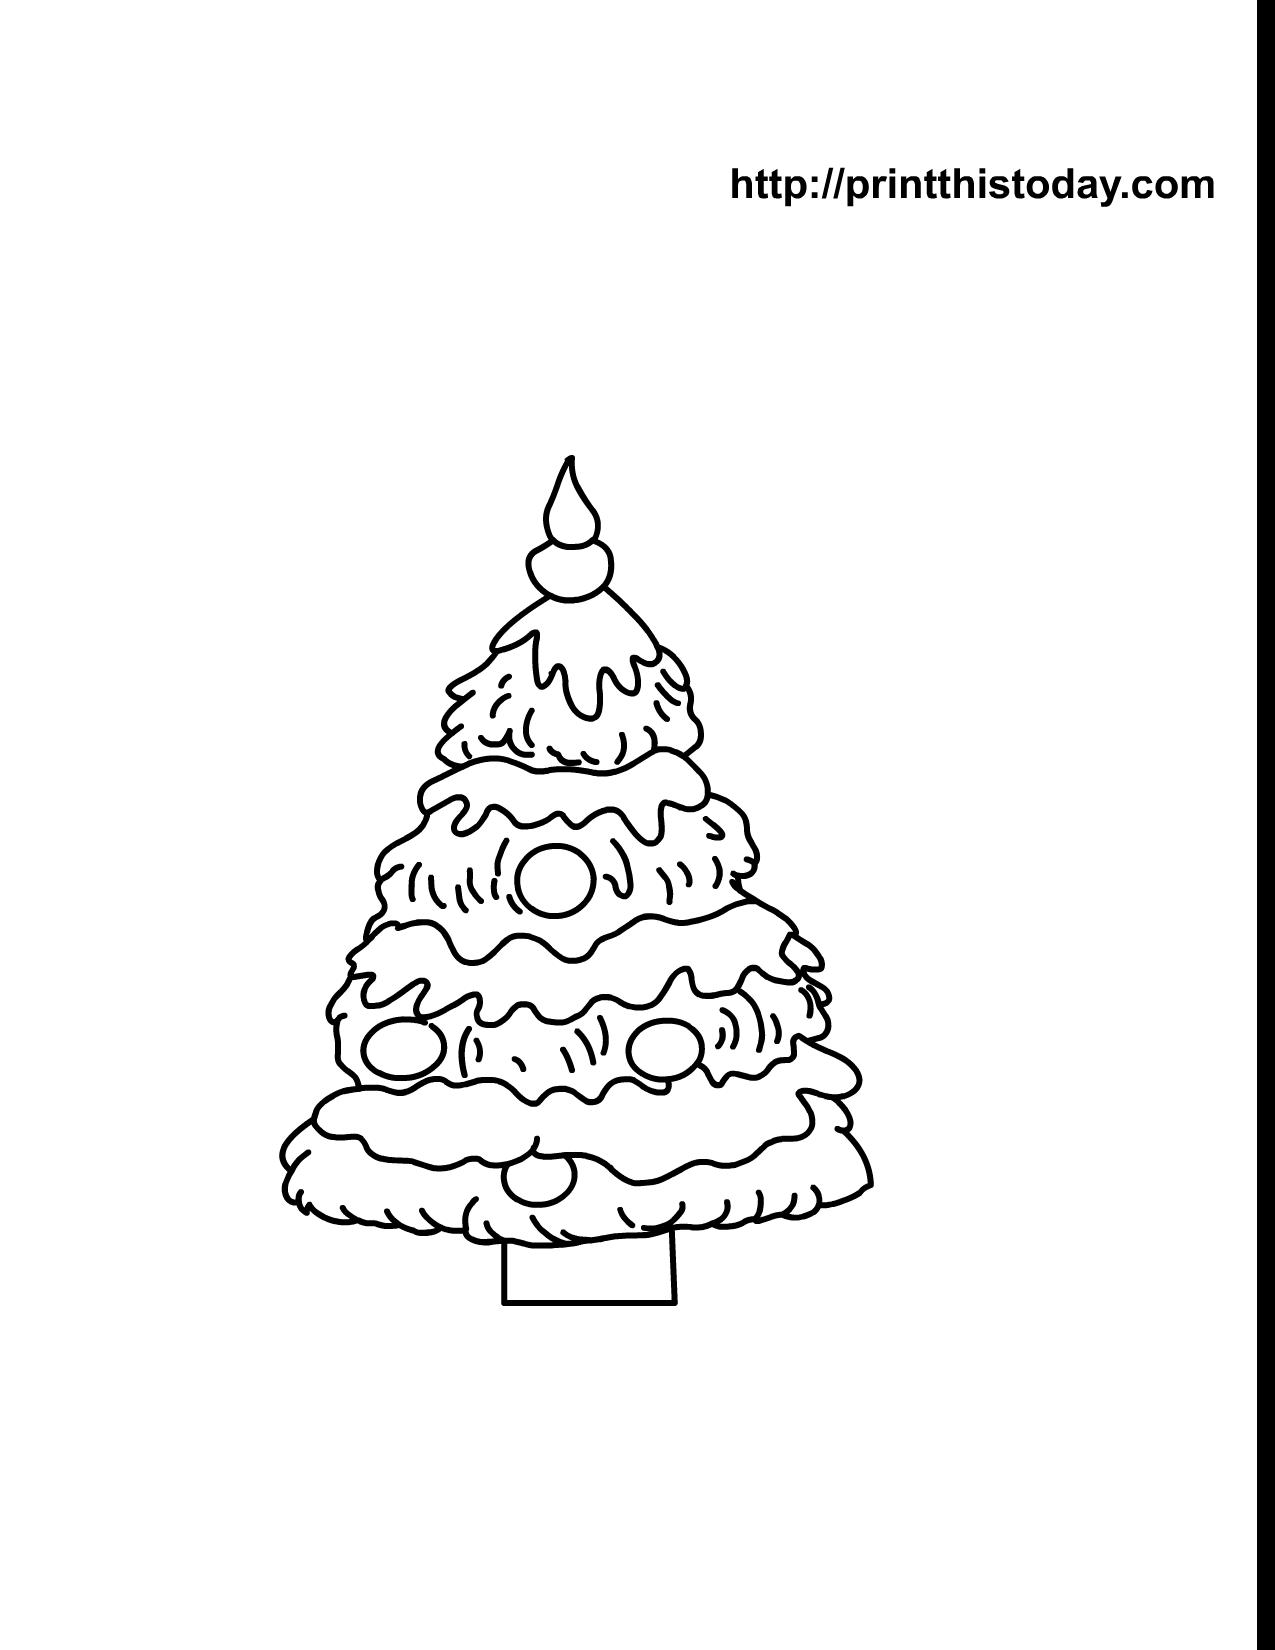 Free Printable Christmas Tree Coloring